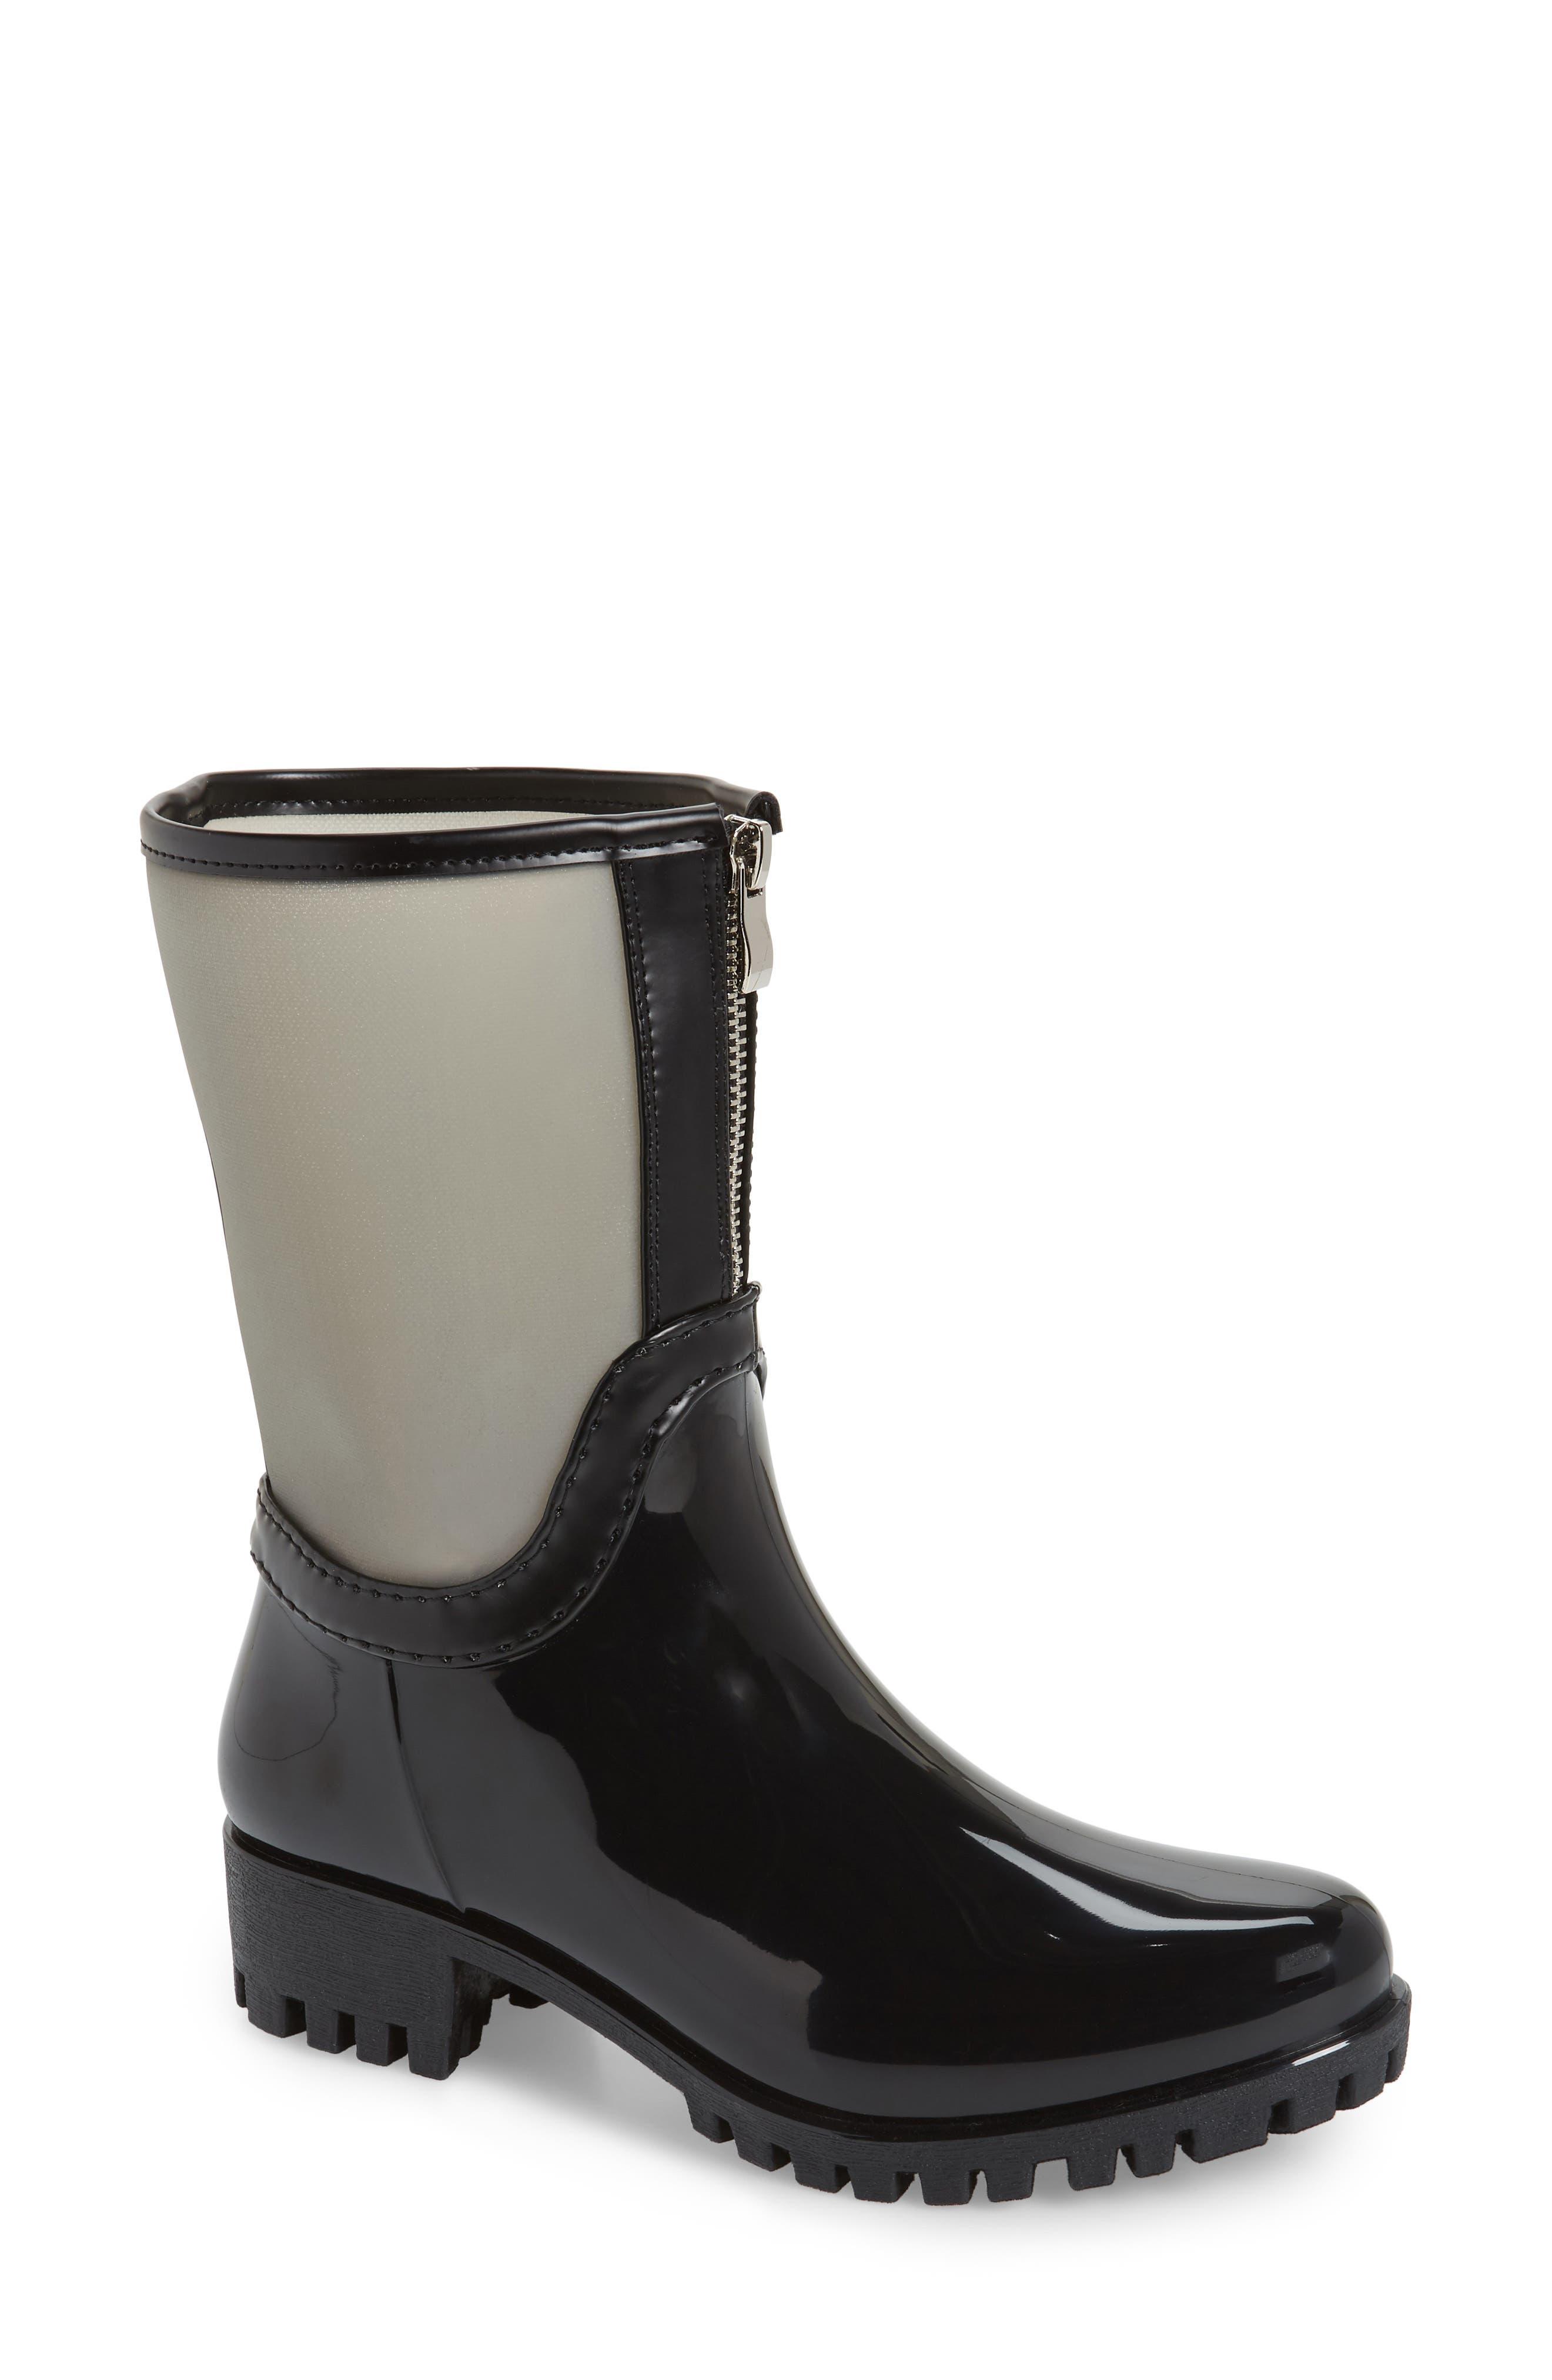 Dav Dryden Sheer Waterproof Boot